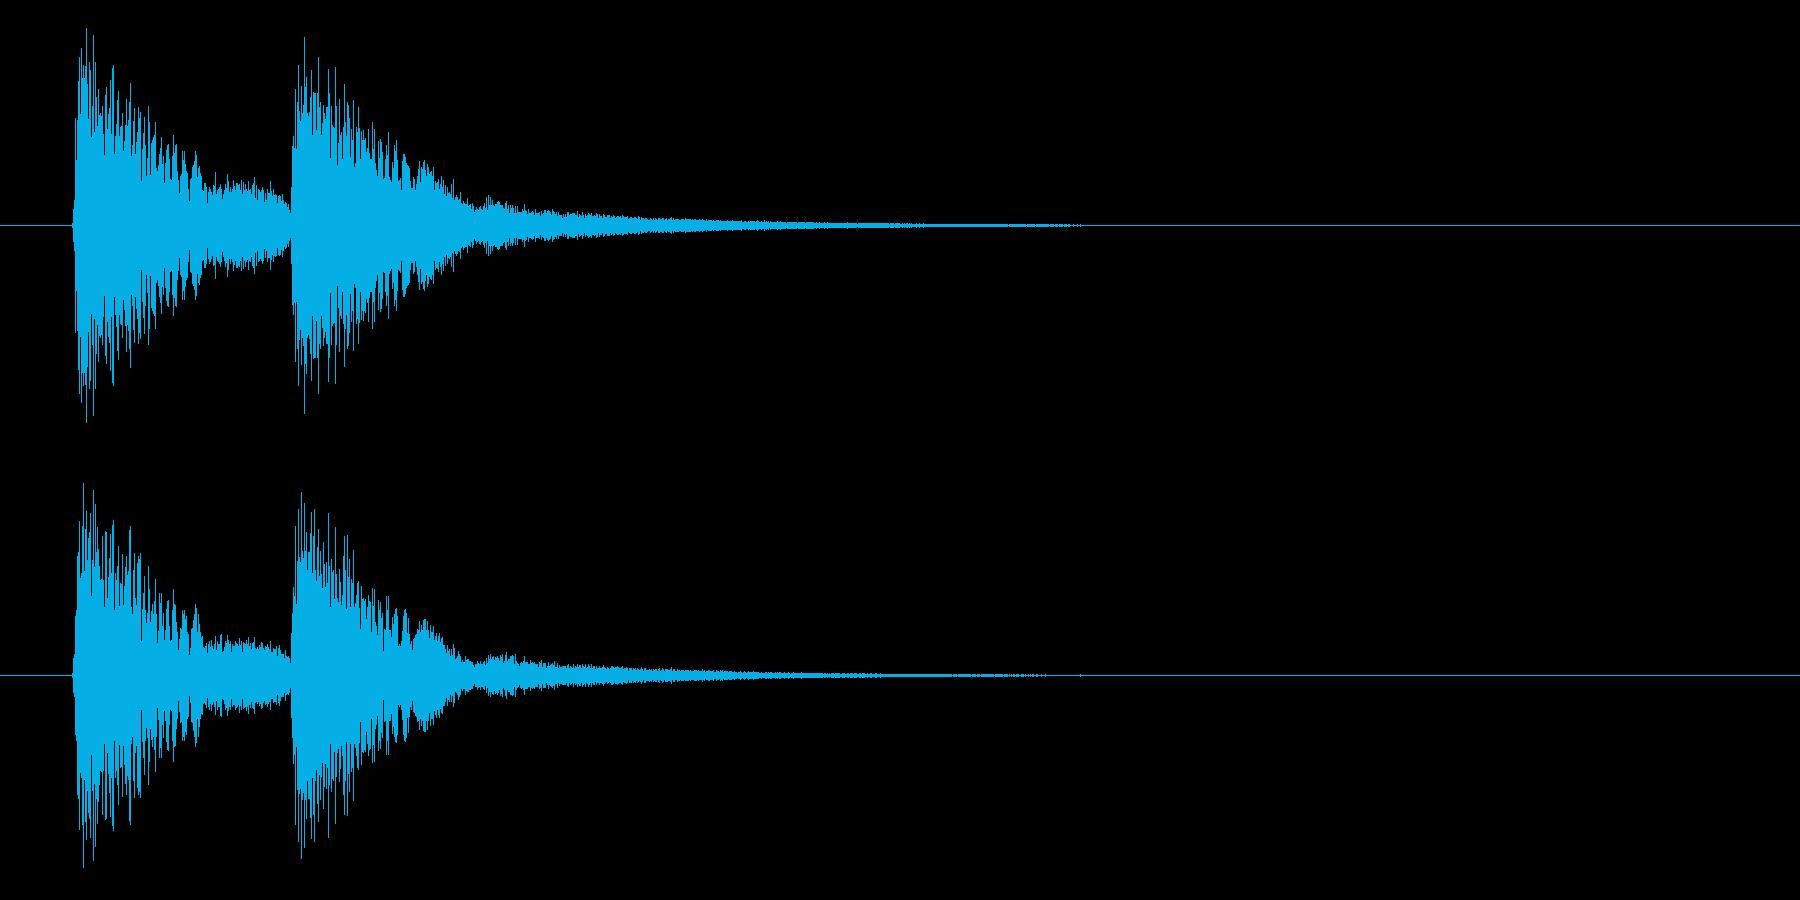 何かに気付いた時に鳴る音/びっくりマークの再生済みの波形